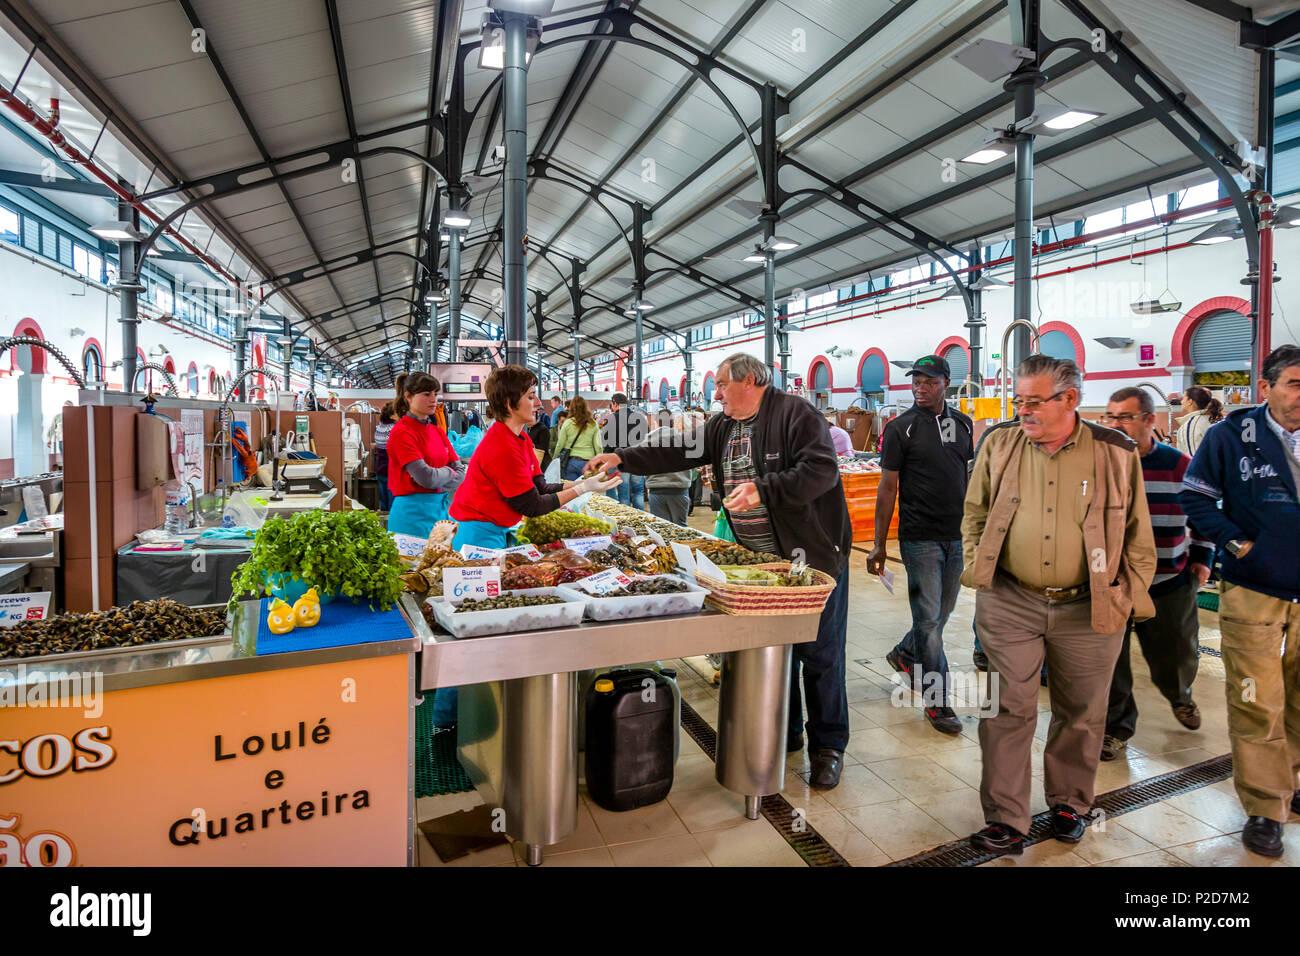 Fischmarkt in der Markthalle, Loulé, Algarve, Portugal Stockbild